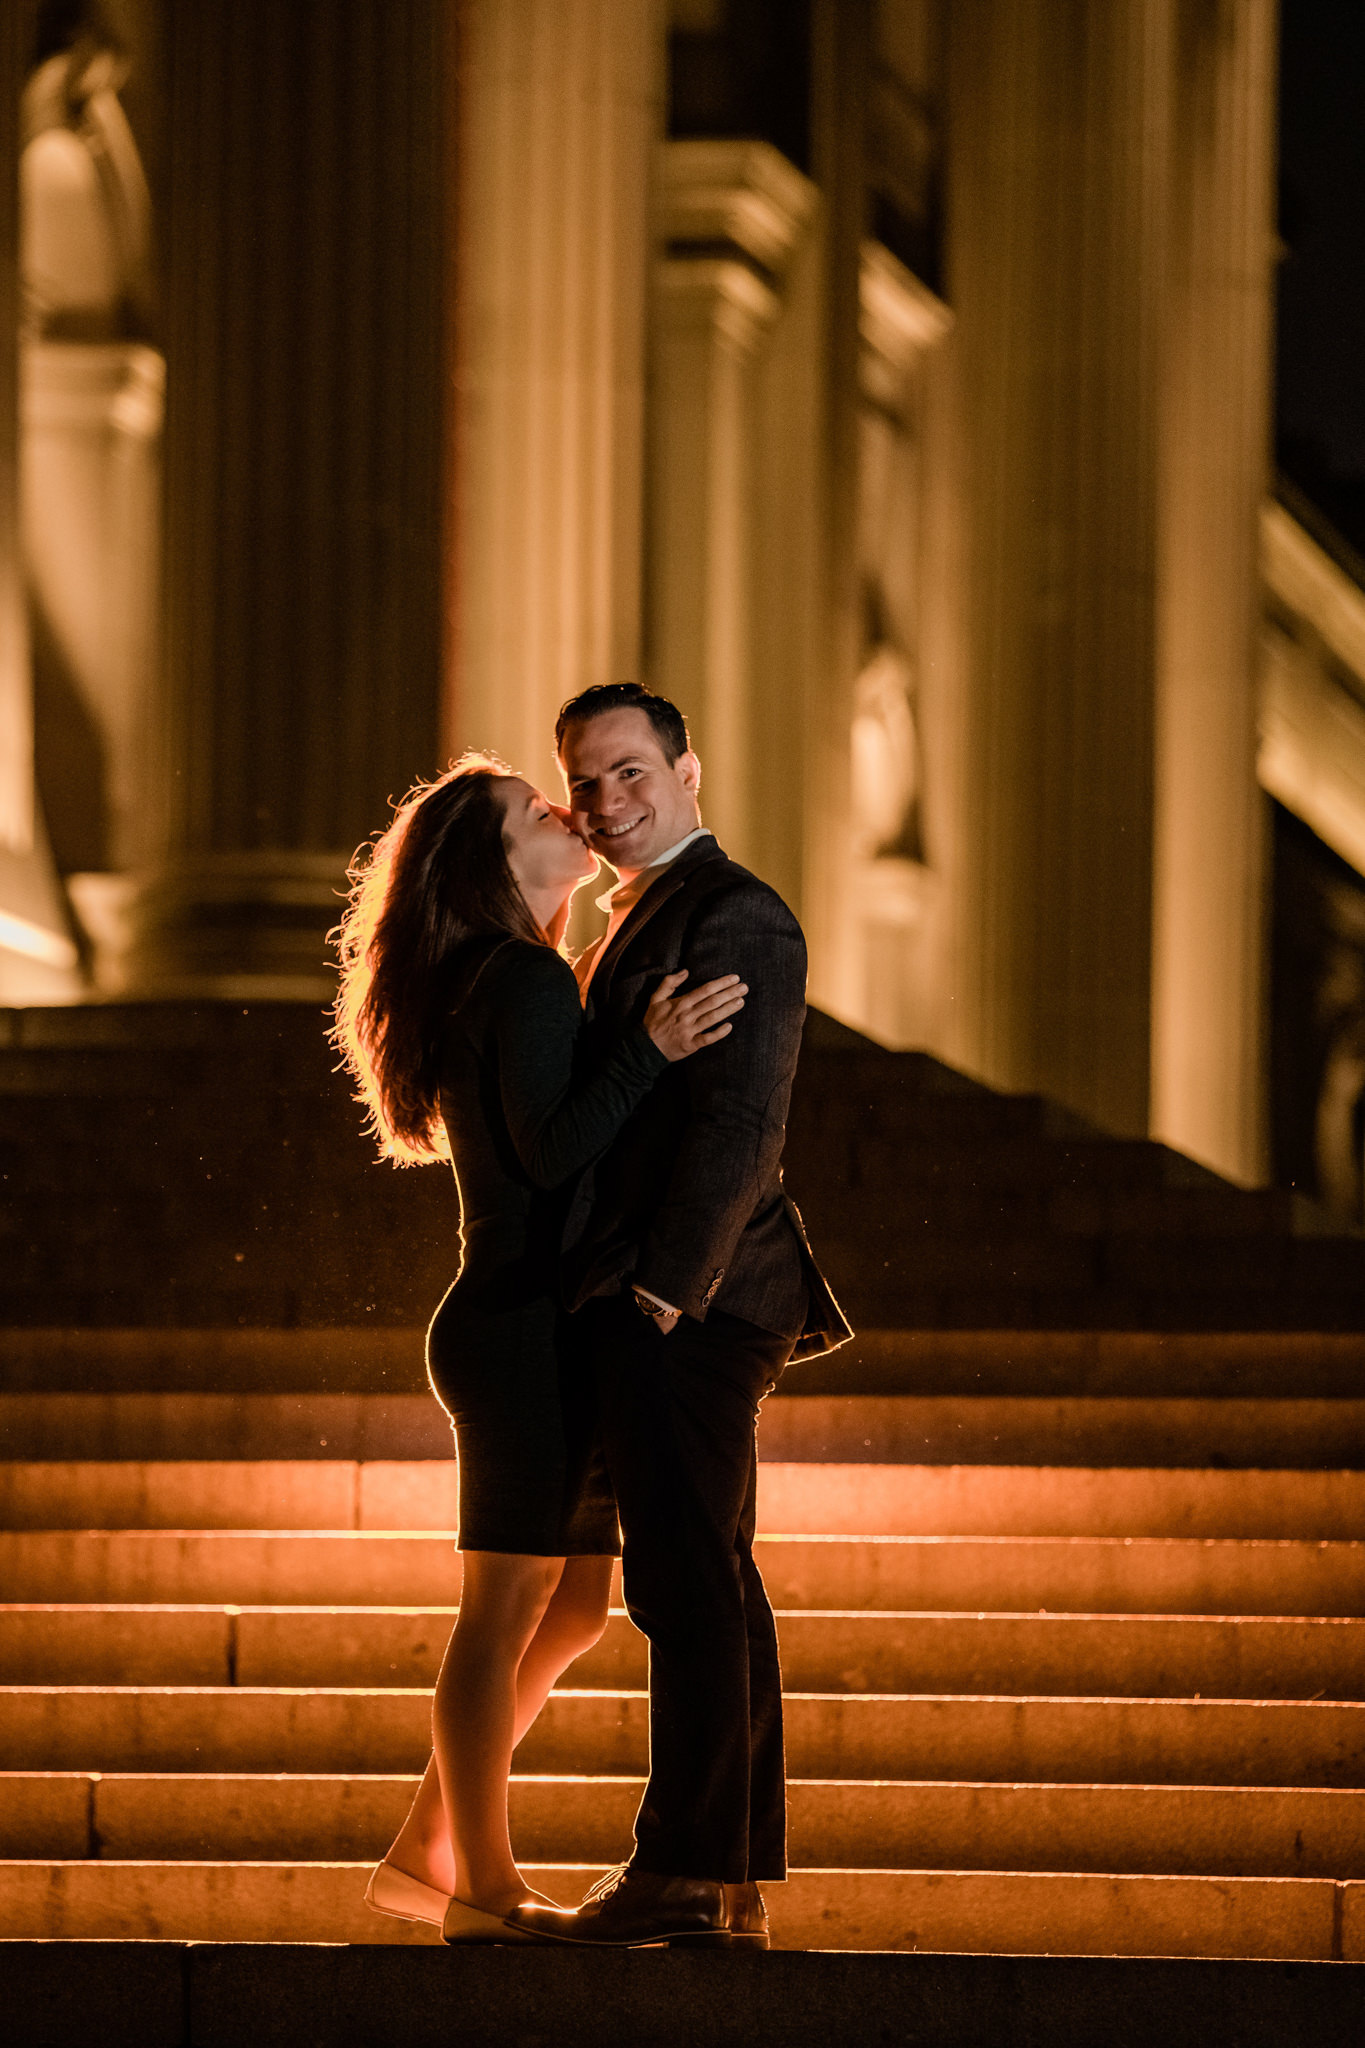 NEW_JERSEY_WEDDING_PHOTOGRAPHER_ARMZ_Z85_0744.jpg